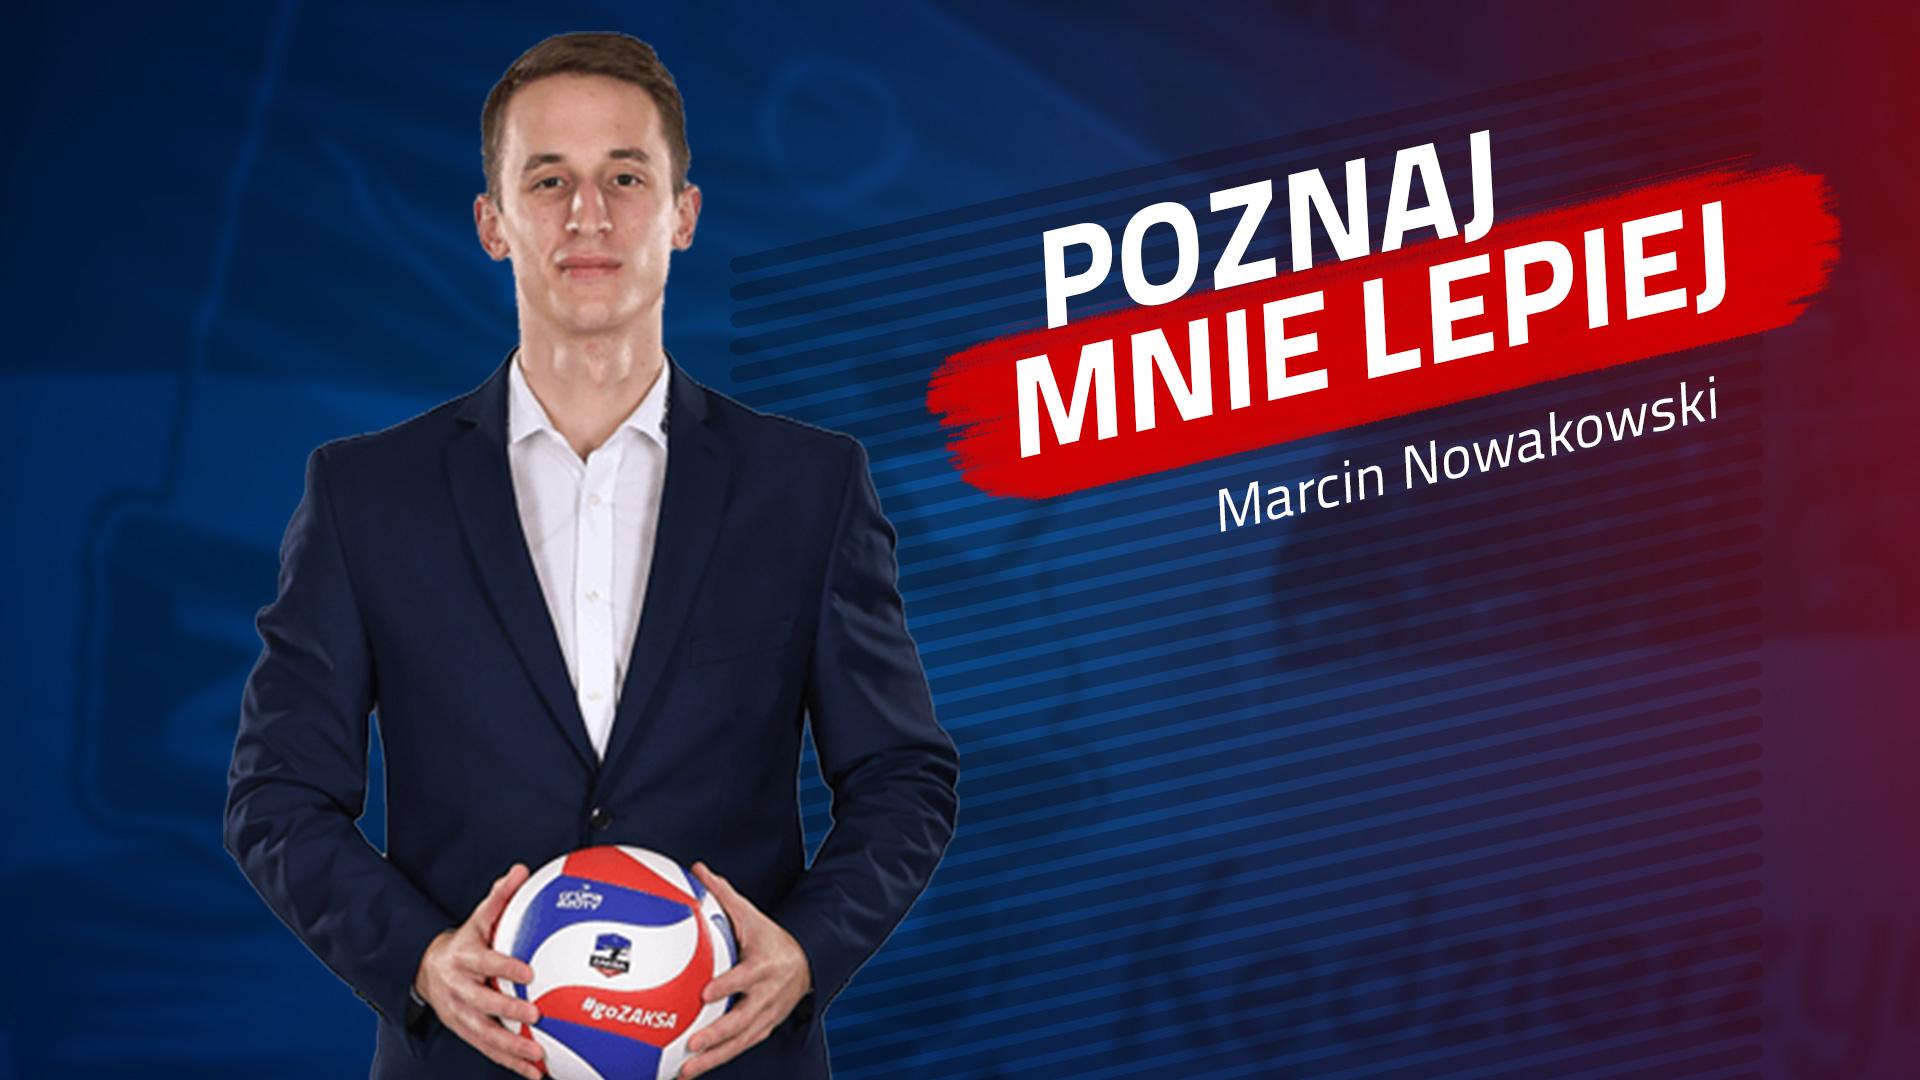 Poznaj mnie lepiej: Marcin Nowakowski